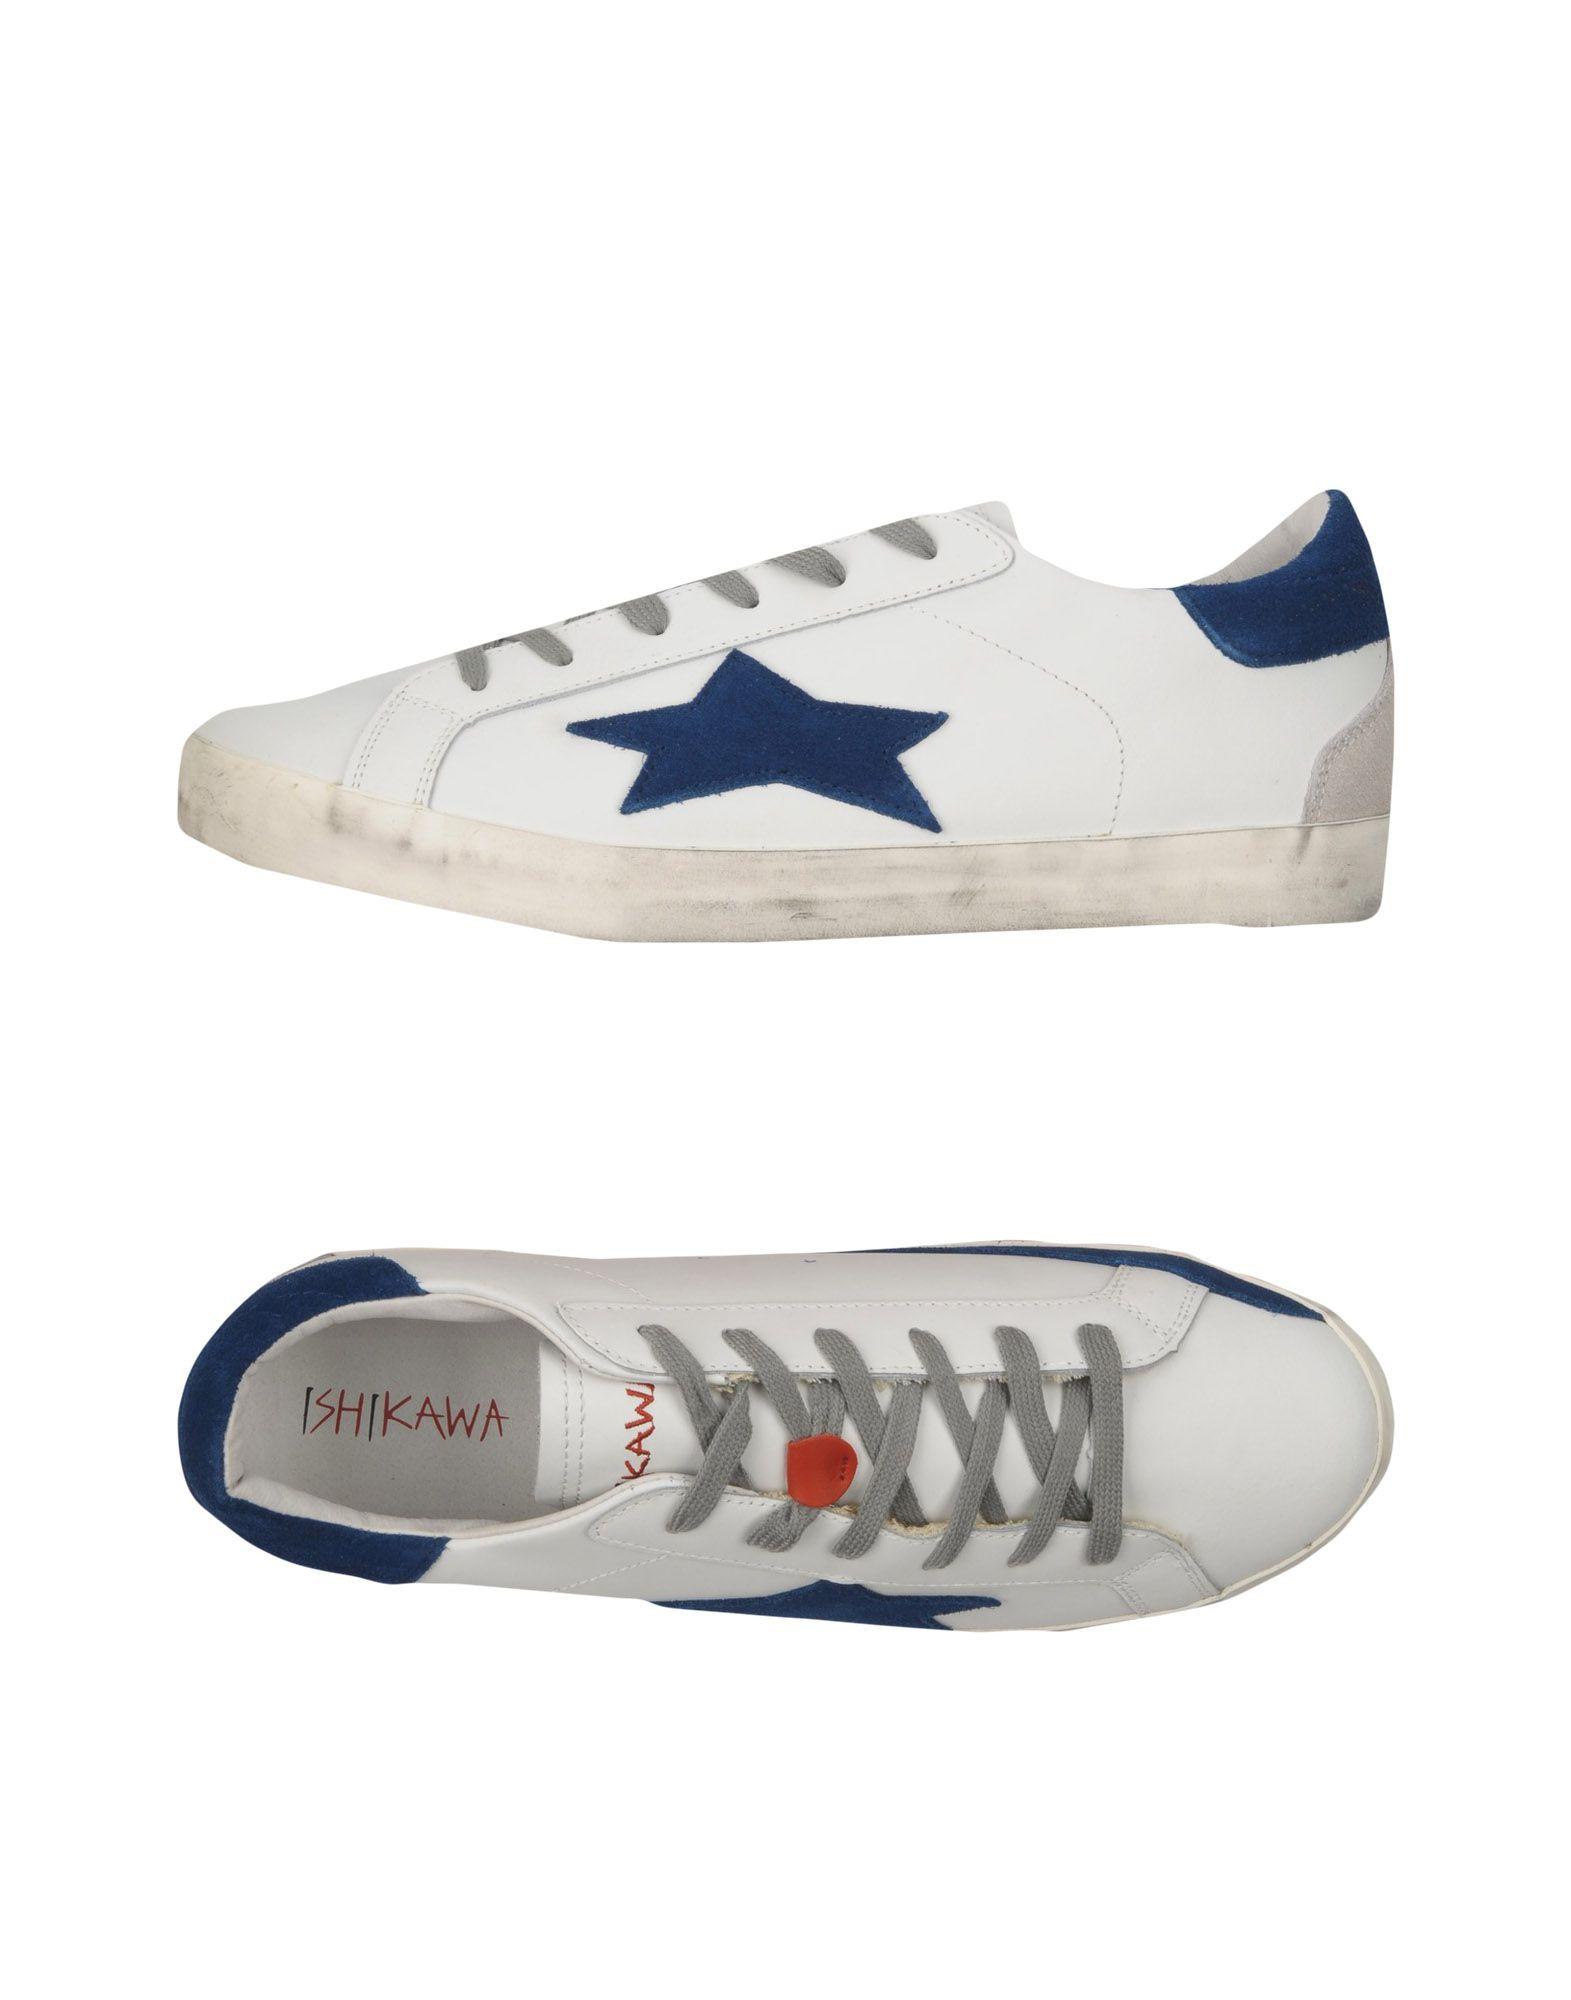 Rabatt echte Schuhe Herren Ishikawa Sneakers Herren Schuhe  11312386AI 645ab6